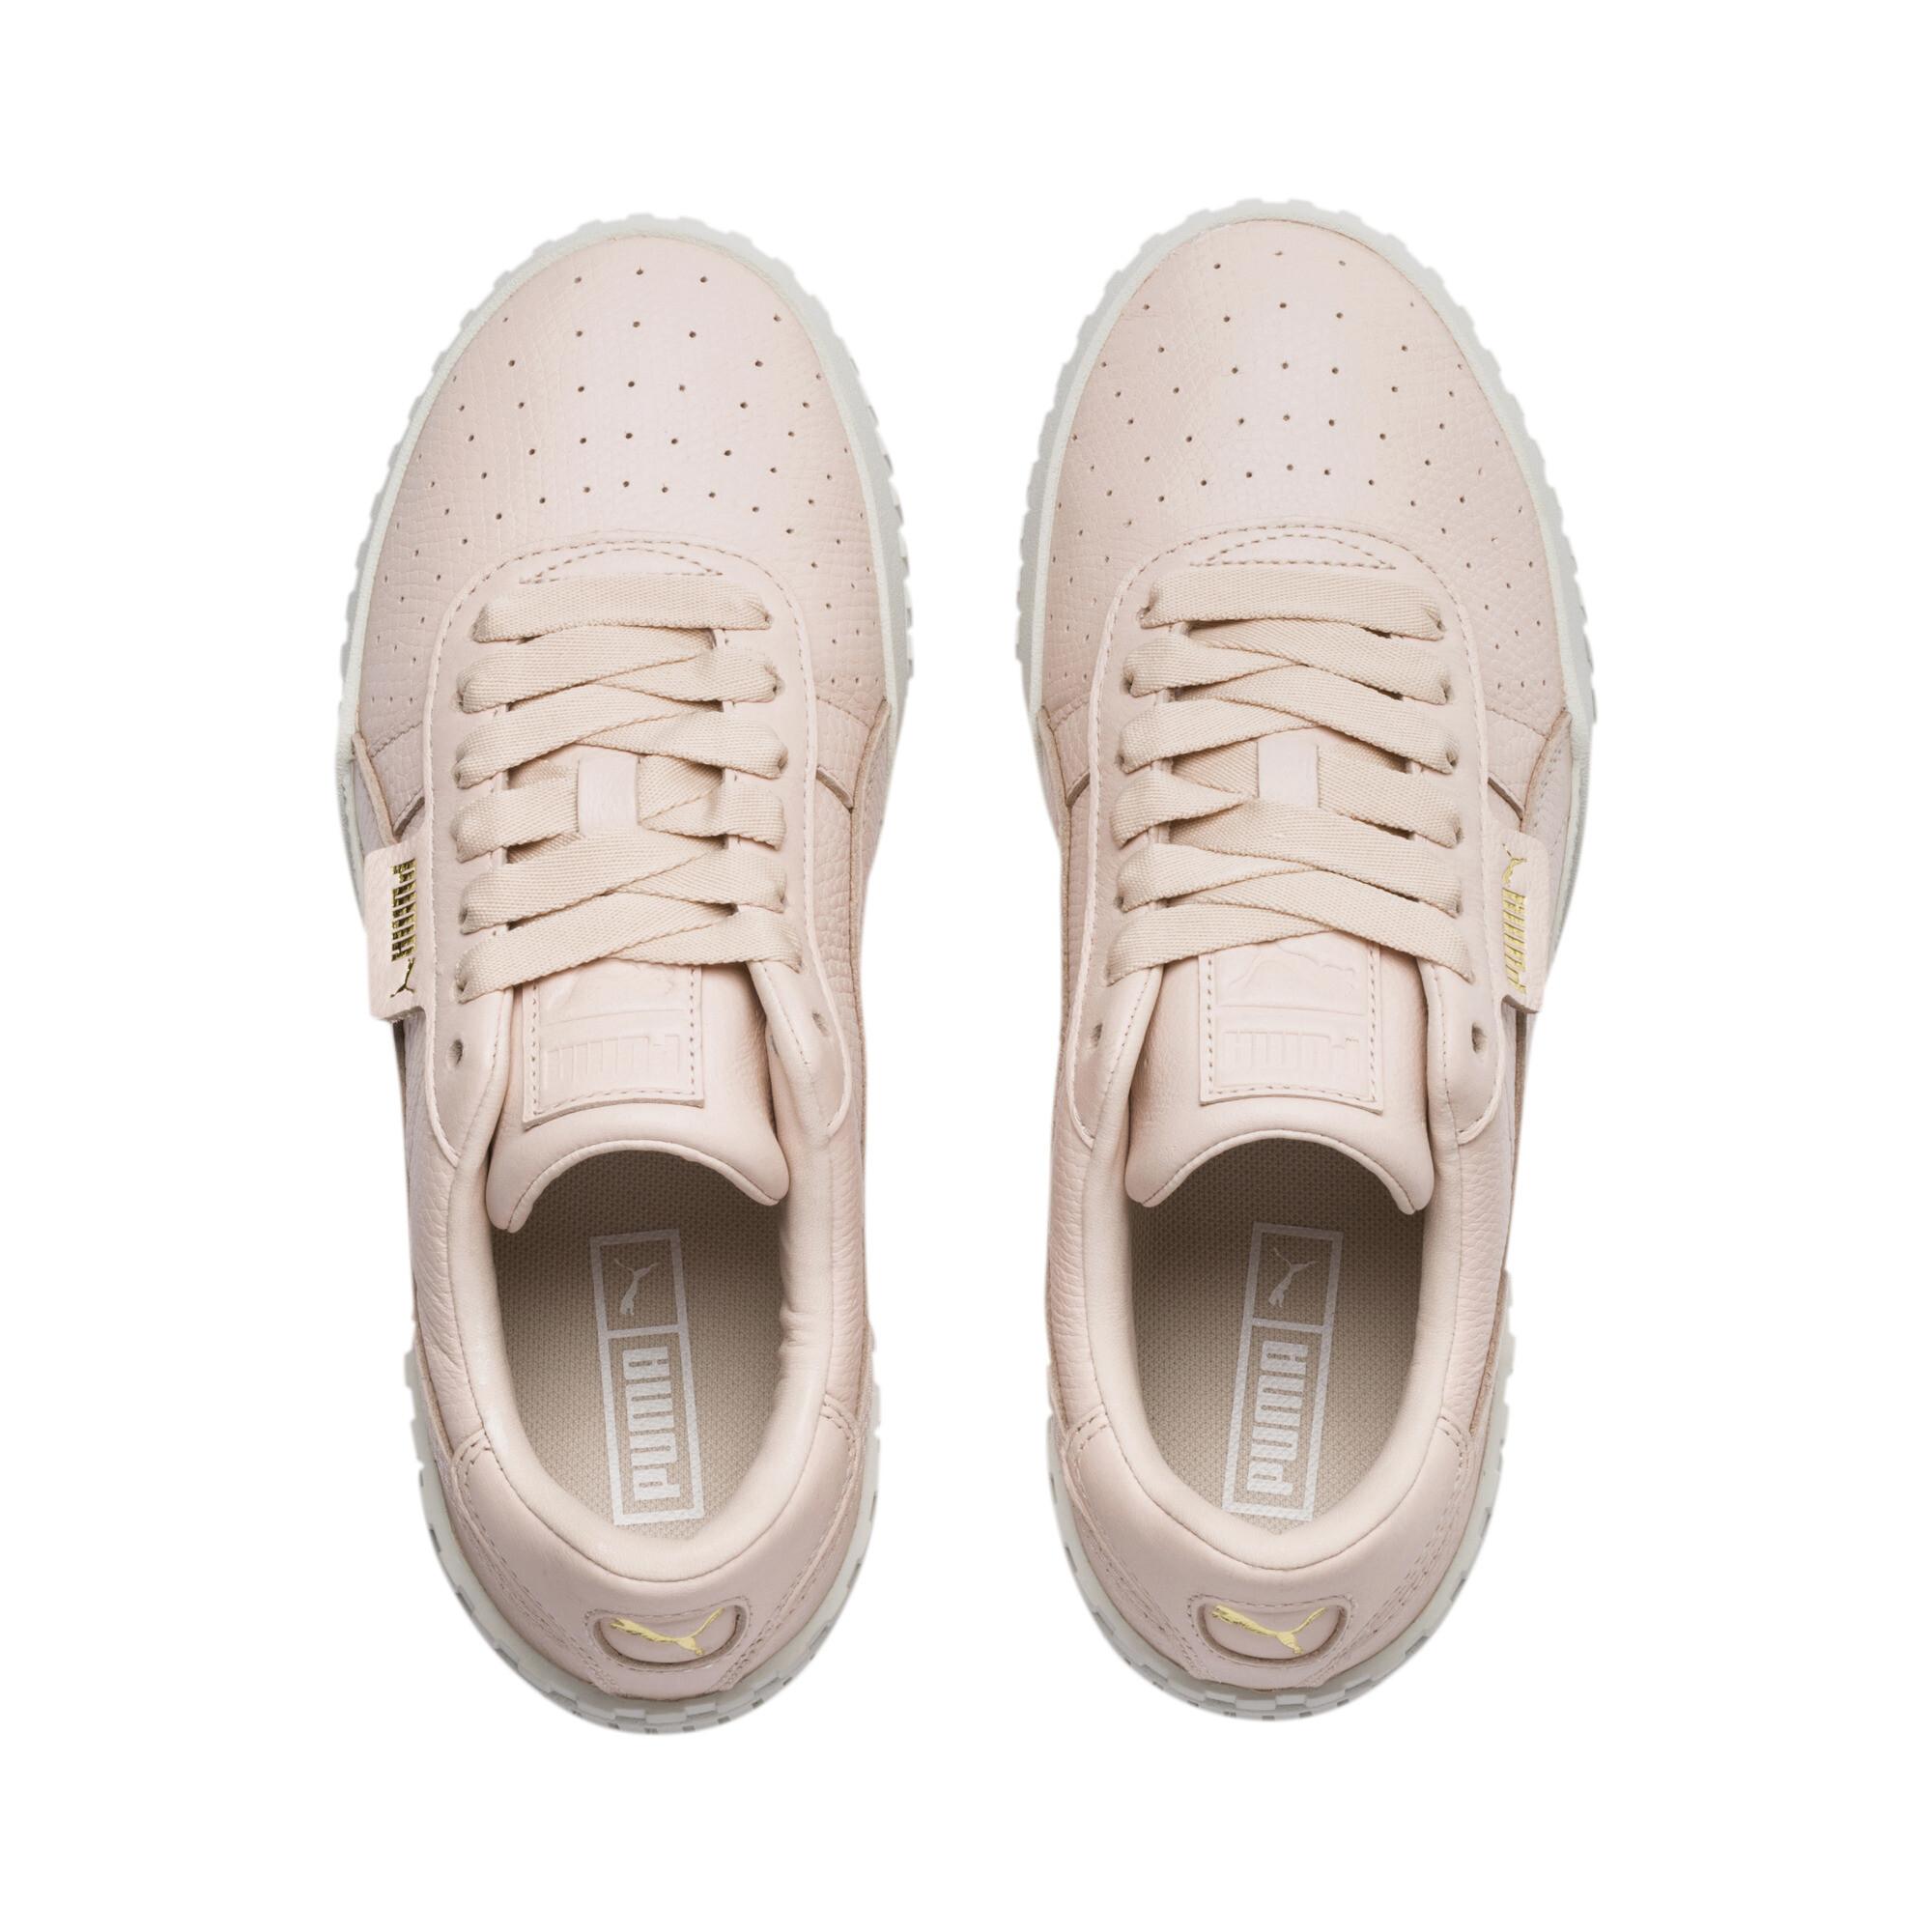 Image Puma Cali Emboss Women's Sneakers #7